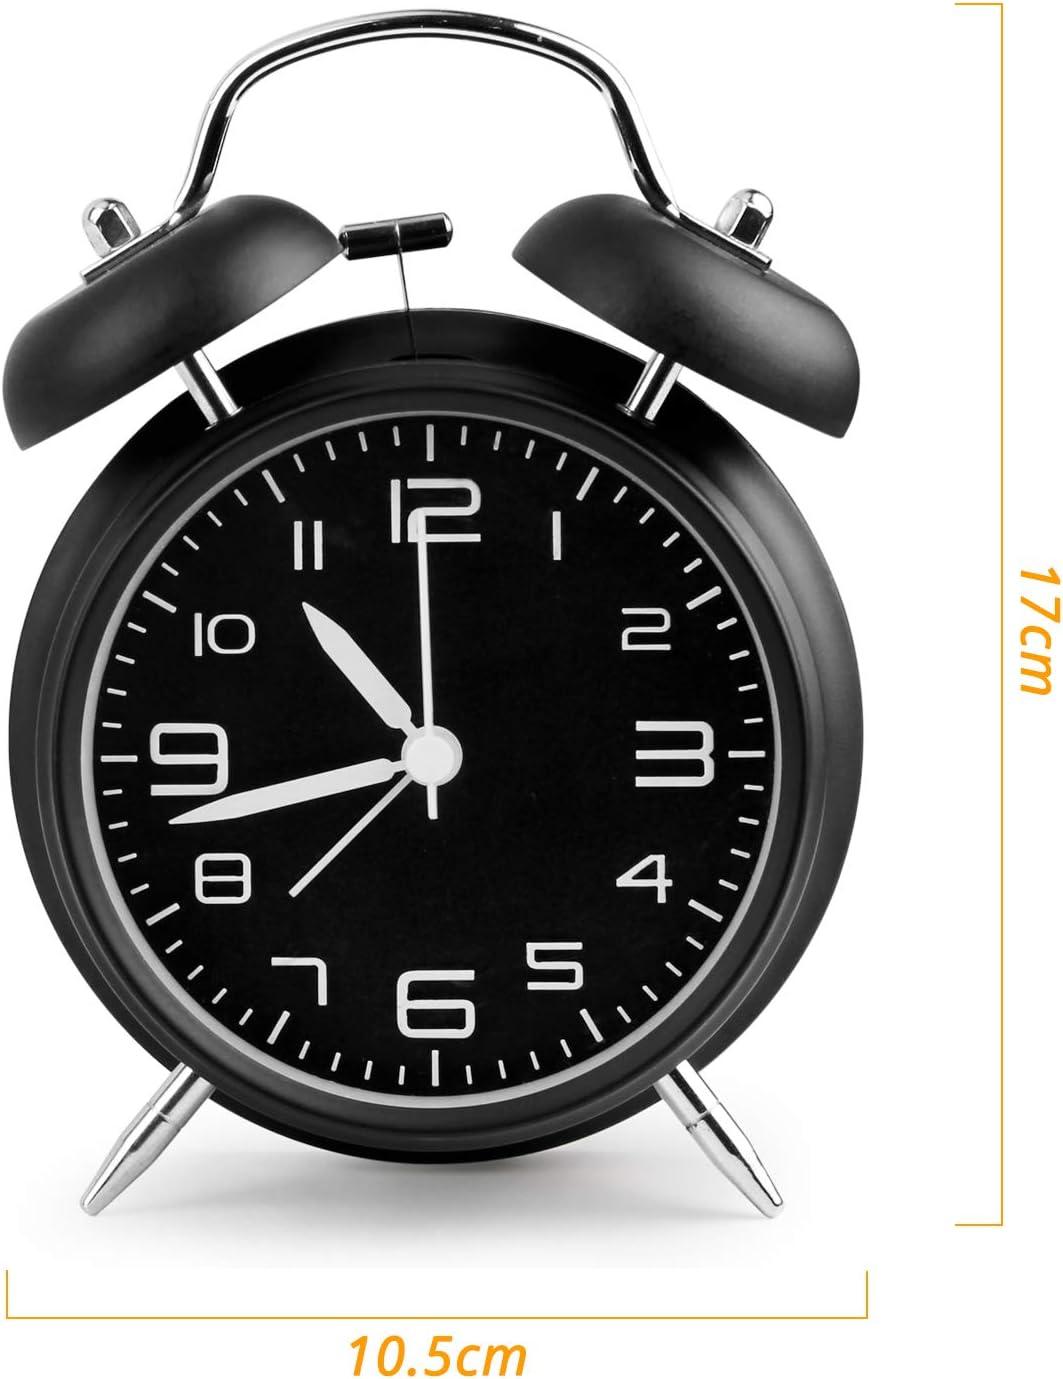 Aodoor Sveglia a Doppia Campana Senza ticchettio per Sleepers Leggeri e Pesanti meccanismo al Quarzo Nero 4 Pollici Grande Quadrante Sveglia da Comodino Stile Vintage